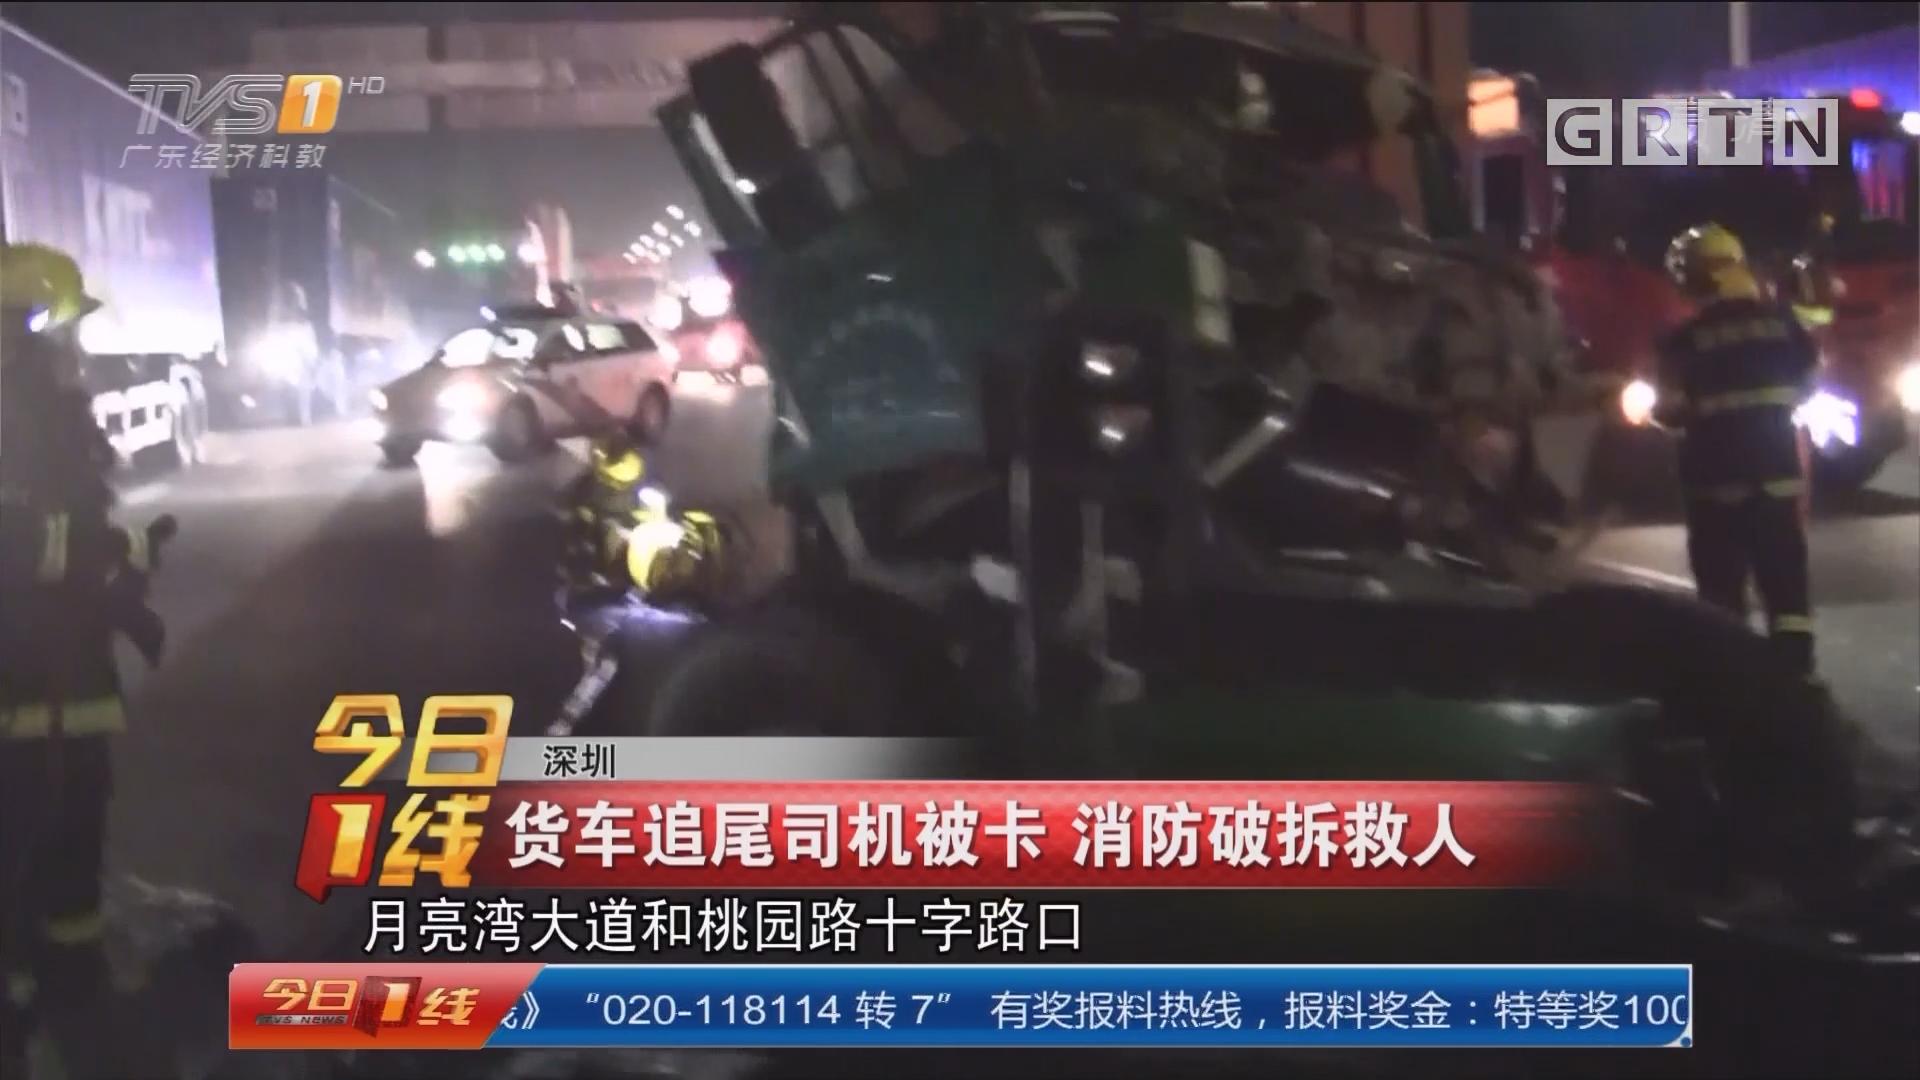 深圳:货车追尾司机被卡 消防破拆救人